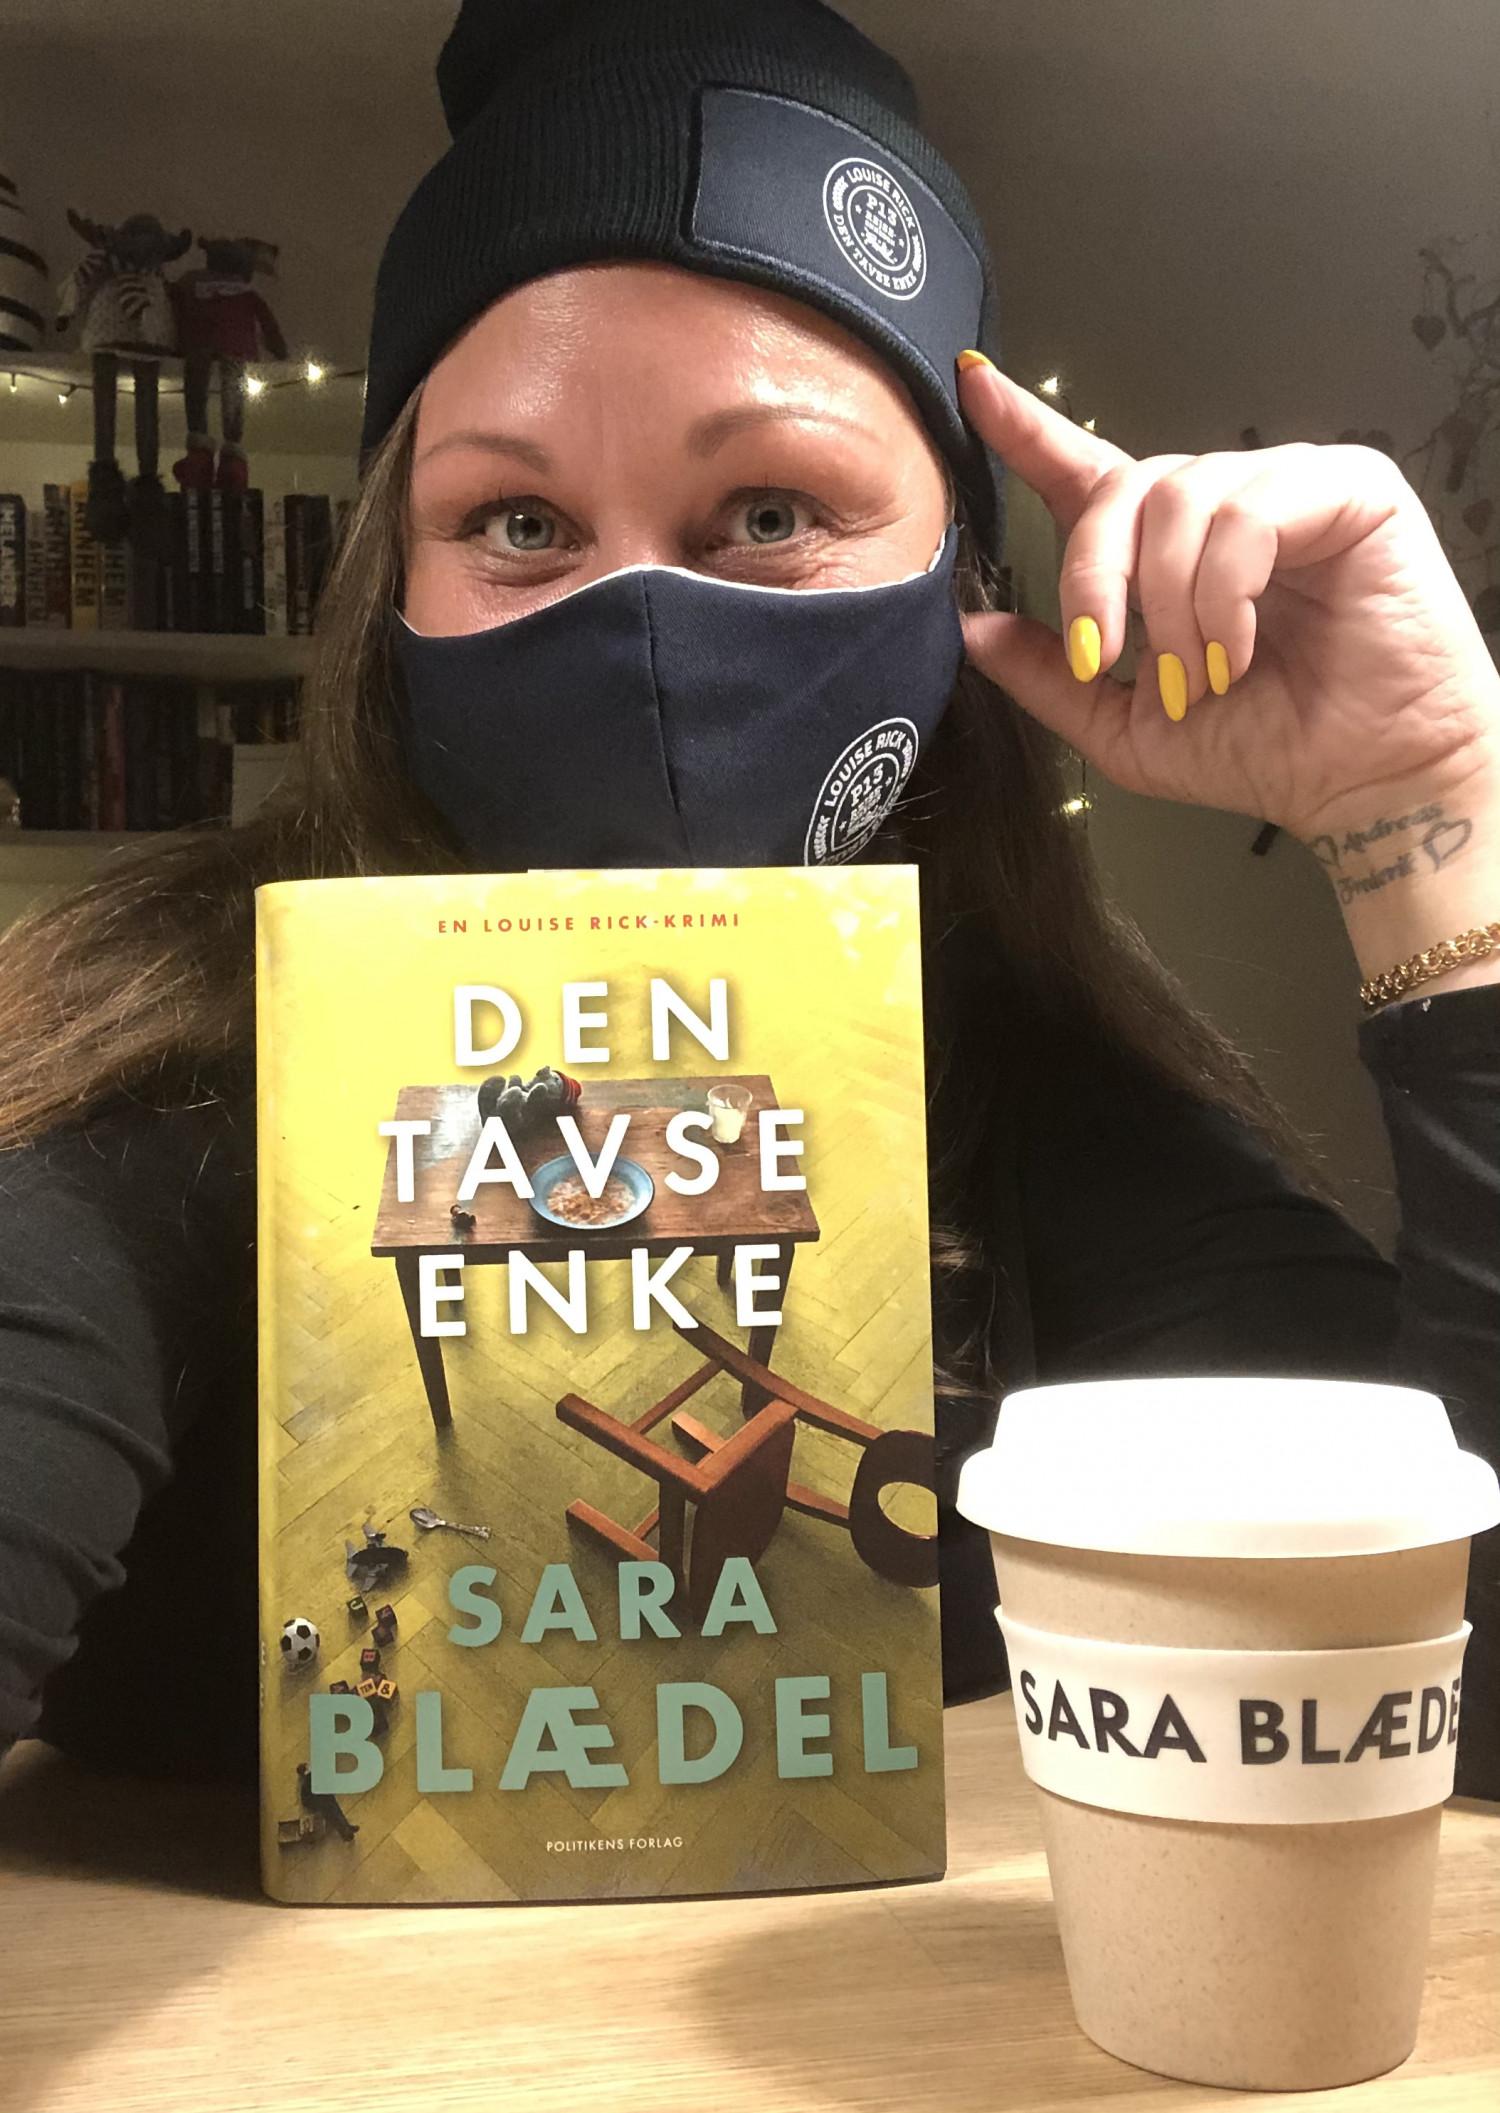 Den tavse enke, Sara Blædel, Politikens Forlag, Den tavse enke af Sara Blædel, Louise Rick, en Louise Rick krimi, krimi, krummeskrummelurer, krummeskrummelurer.dk, boganmeldelse, anbefaling, anmeldereksemplar,